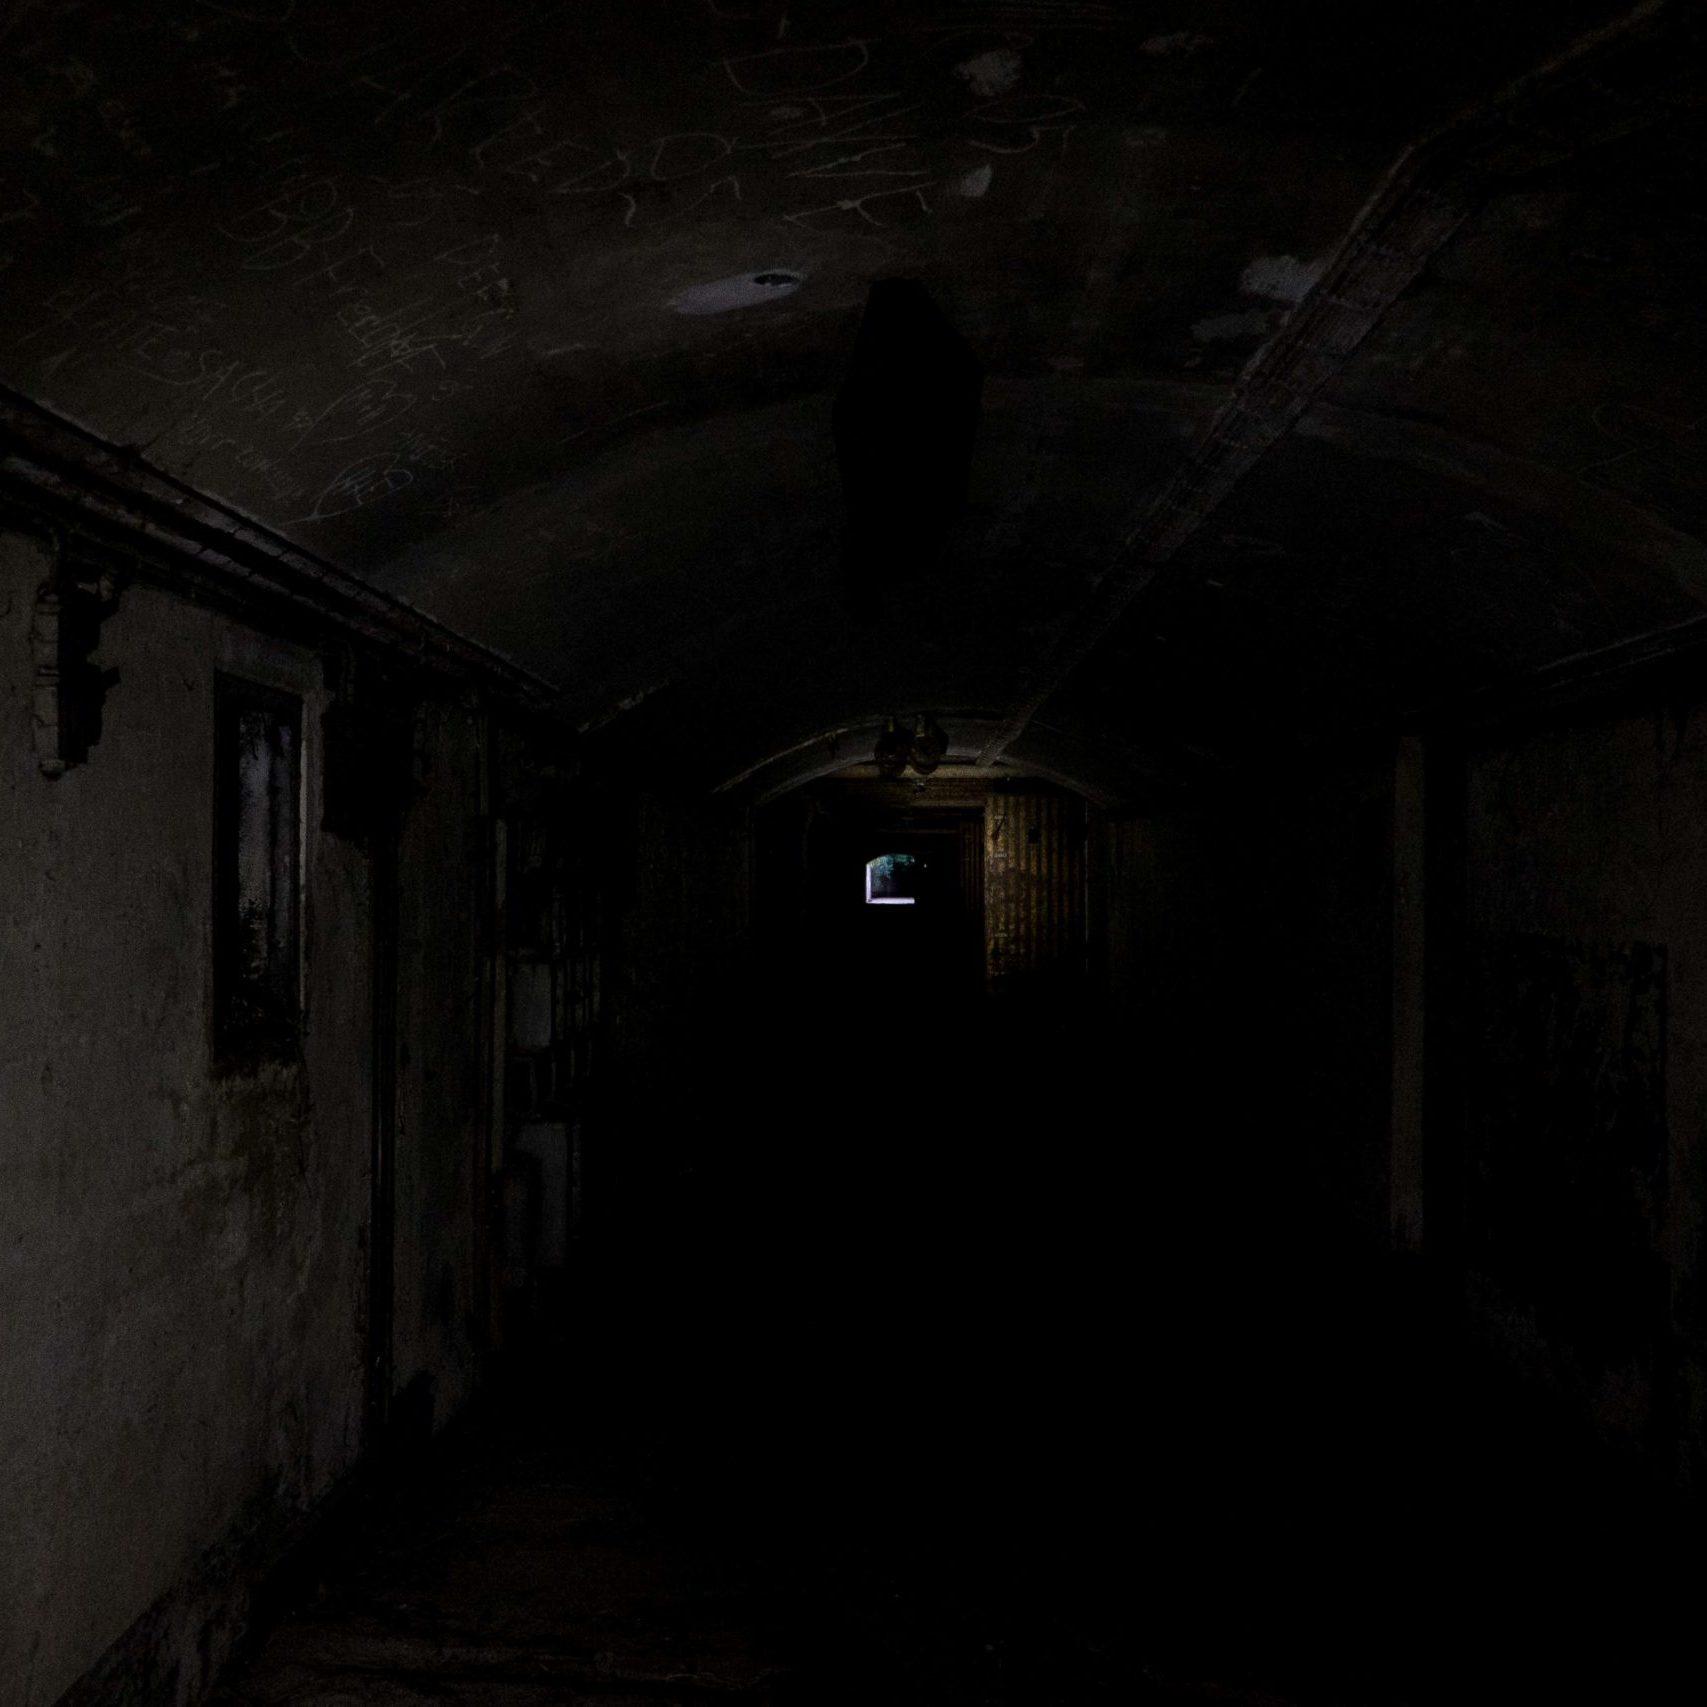 Flakfortet: dunkler, unbeleuchteter Gang, am Ende des Gangs sieht man Tageslicht